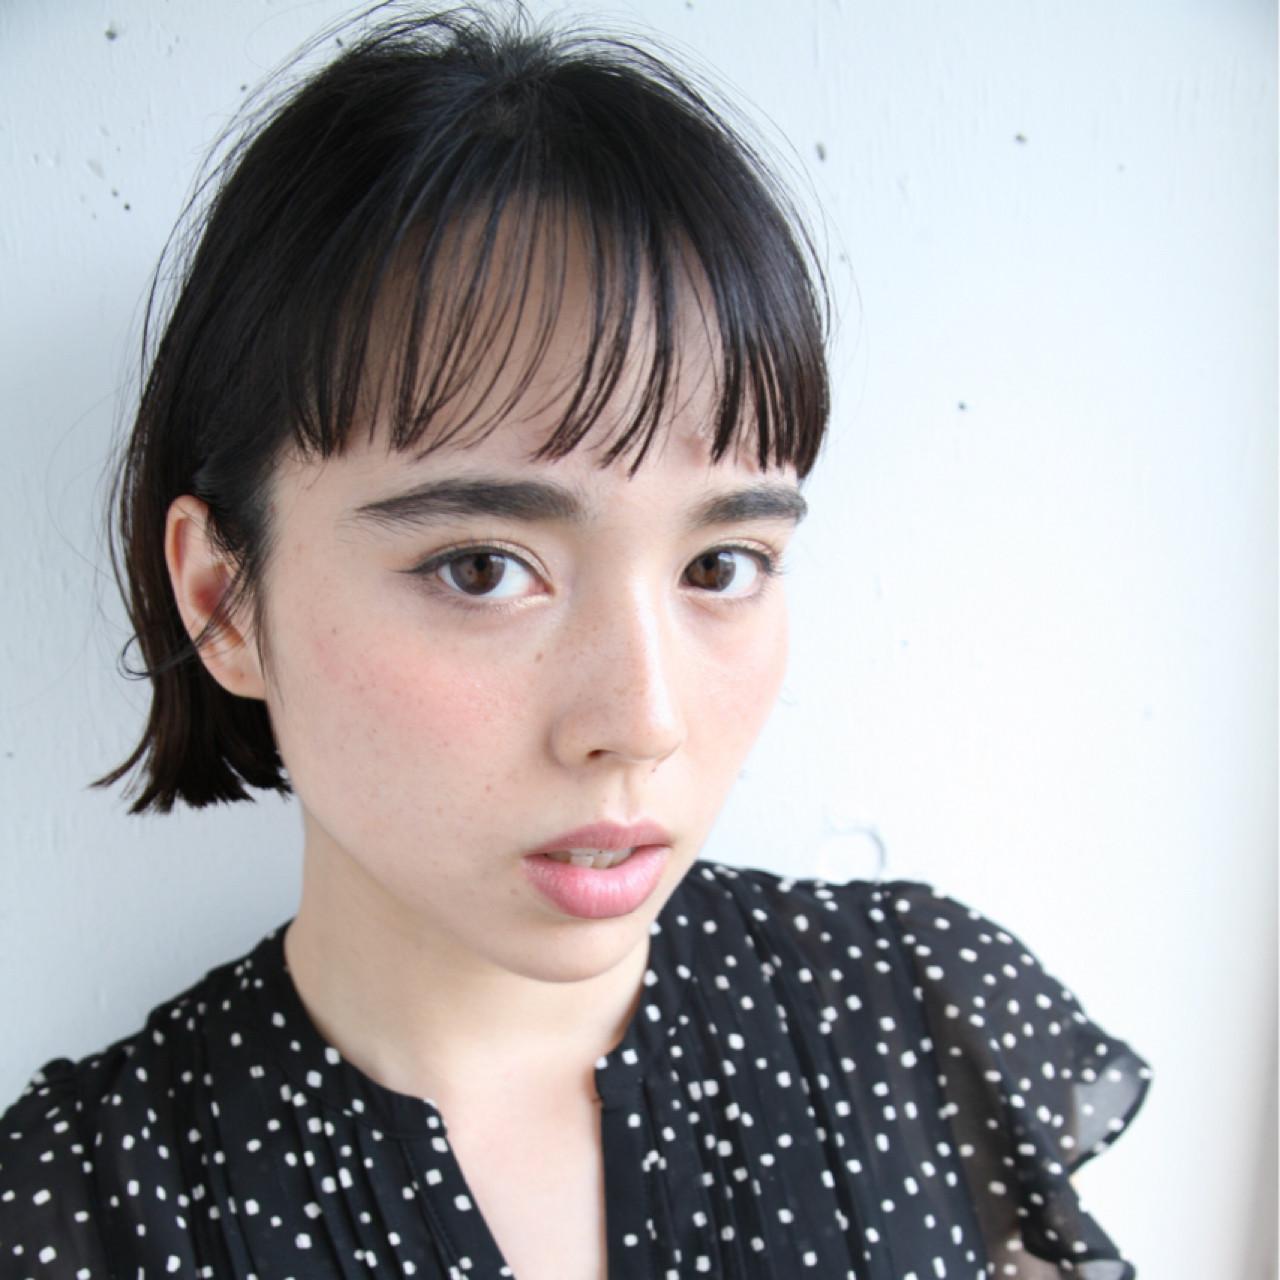 ナチュラル 抜け感 透明感 前髪あり ヘアスタイルや髪型の写真・画像 | 小西敬二郎 / Heartim